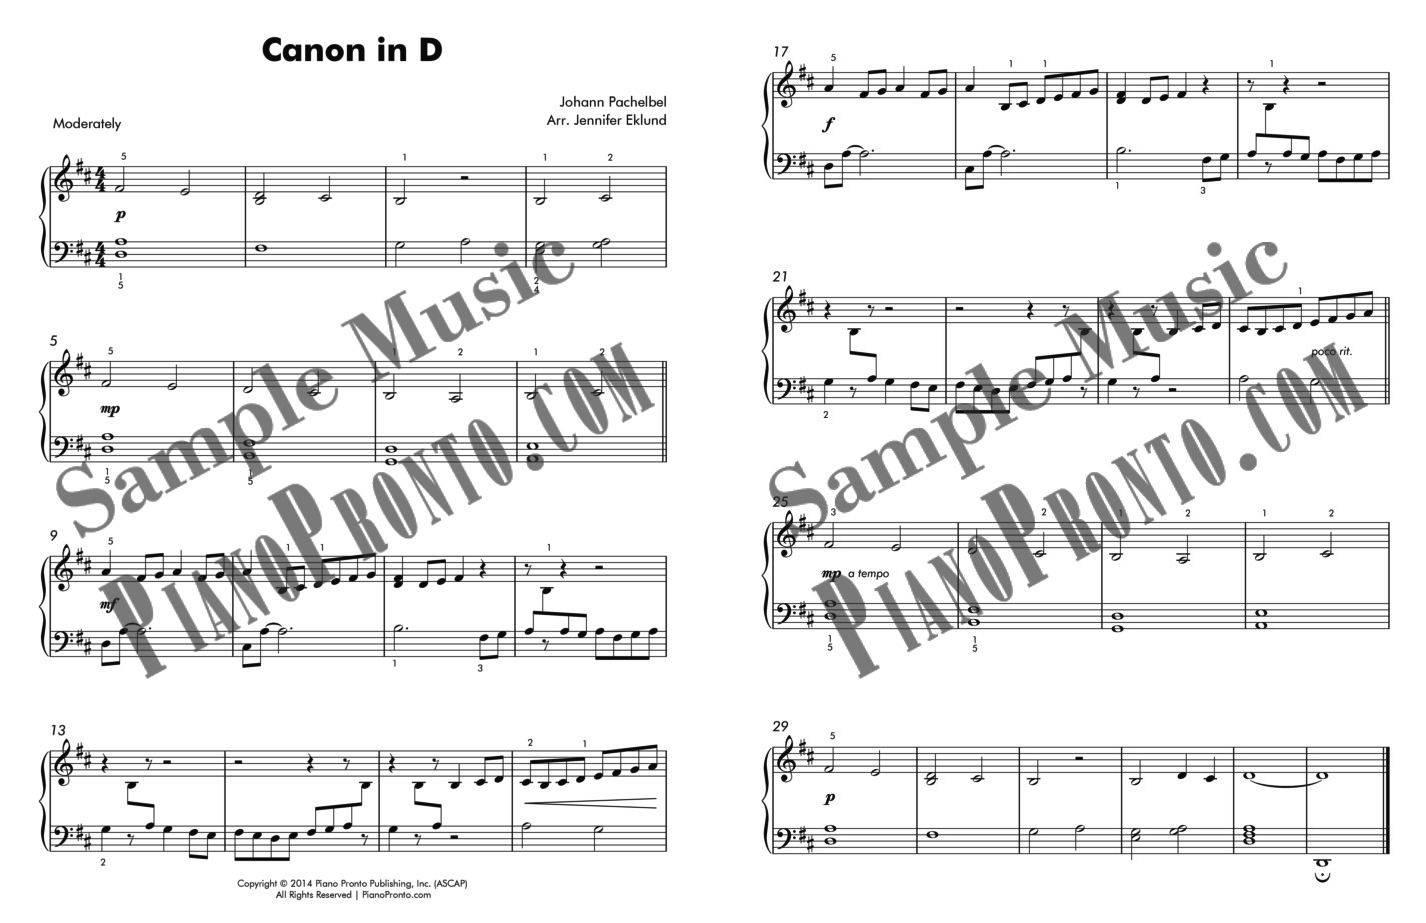 Canon in D - Easy Piano Version